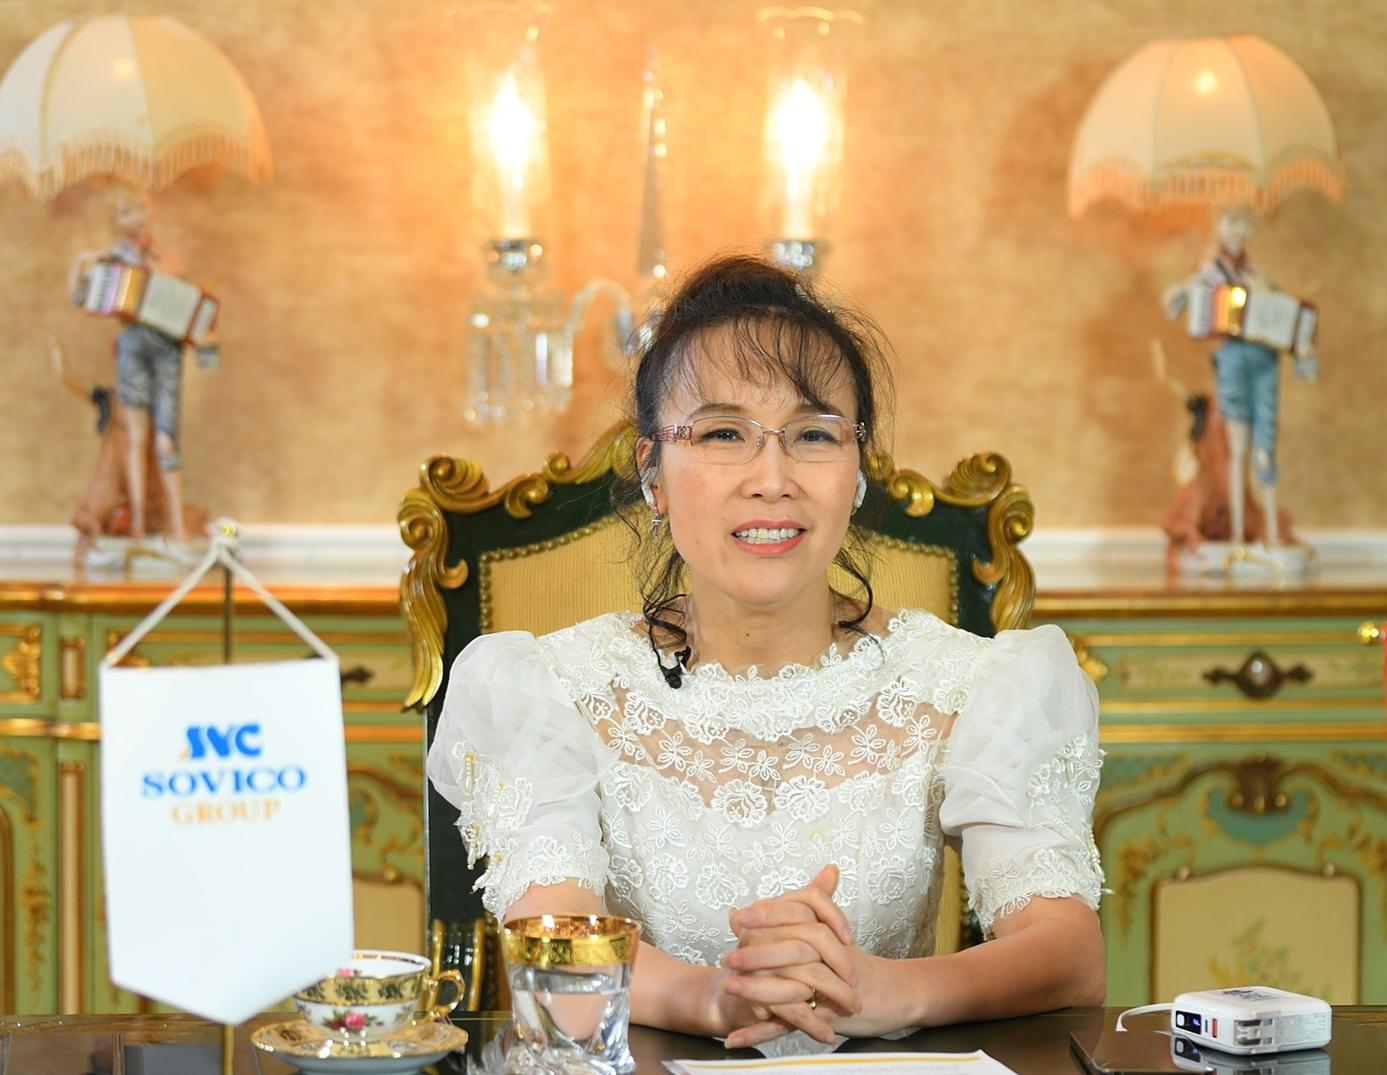 Theo bà Nguyễn Thị Phương Thảo, trách nhiệm xã hội của doanh nghiệp là một phần của triết lý kinh doanh lương thiện.